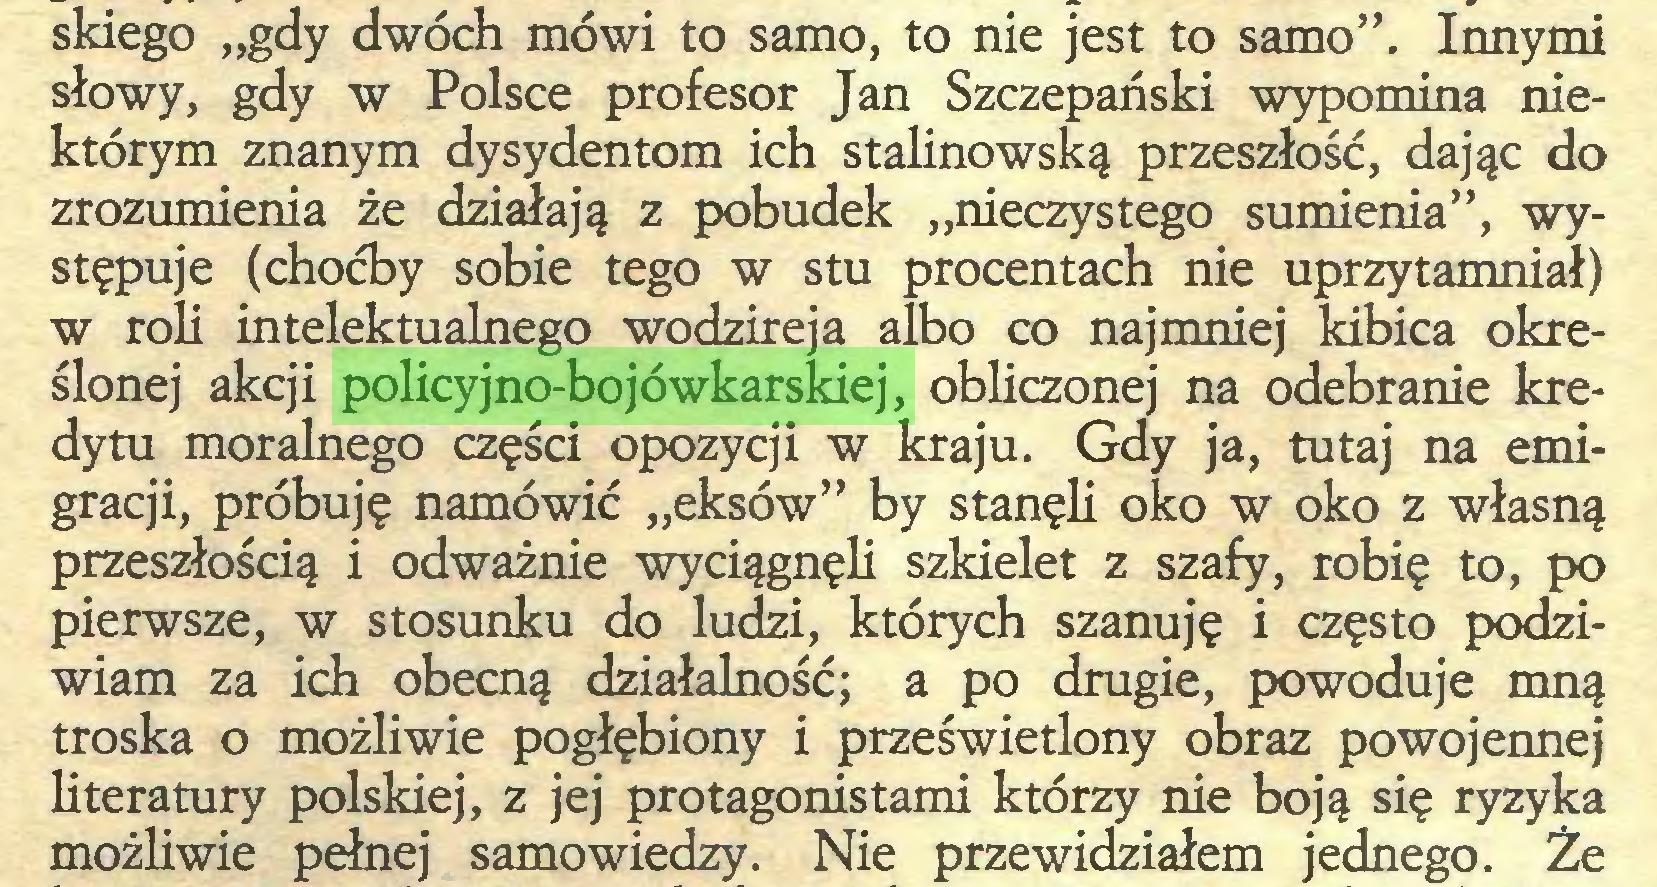 """(...) skiego """"gdy dwóch mówi to samo, to nie jest to samo"""". Innymi słowy, gdy w Polsce profesor Jan Szczepański wypomina niektórym znanym dysydentom ich stalinowską przeszłość, dając do zrozumienia że działają z pobudek """"nieczystego sumienia"""", występuje (choćby sobie tego w stu procentach nie uprzytamniał) w roli intelektualnego wodzireja albo co najmniej kibica określonej akcji policyjno-bojówkarskiej, obliczonej na odebranie kredytu moralnego części opozycji w kraju. Gdy ja, tutaj na emigracji, próbuję namówić """"eksów"""" by stanęli oko w oko z własną przeszłością i odważnie wyciągnęli szkielet z szafy, robię to, po pierwsze, w stosunku do ludzi, których szanuję i często podziwiam za ich obecną działalność; a po drugie, powoduje mną troska o możliwie pogłębiony i prześwietlony obraz powojennej literatury polskiej, z jej protagonistami którzy nie boją się ryzyka możliwie pełnej samowiedzy. Nie przewidziałem jednego. Że..."""